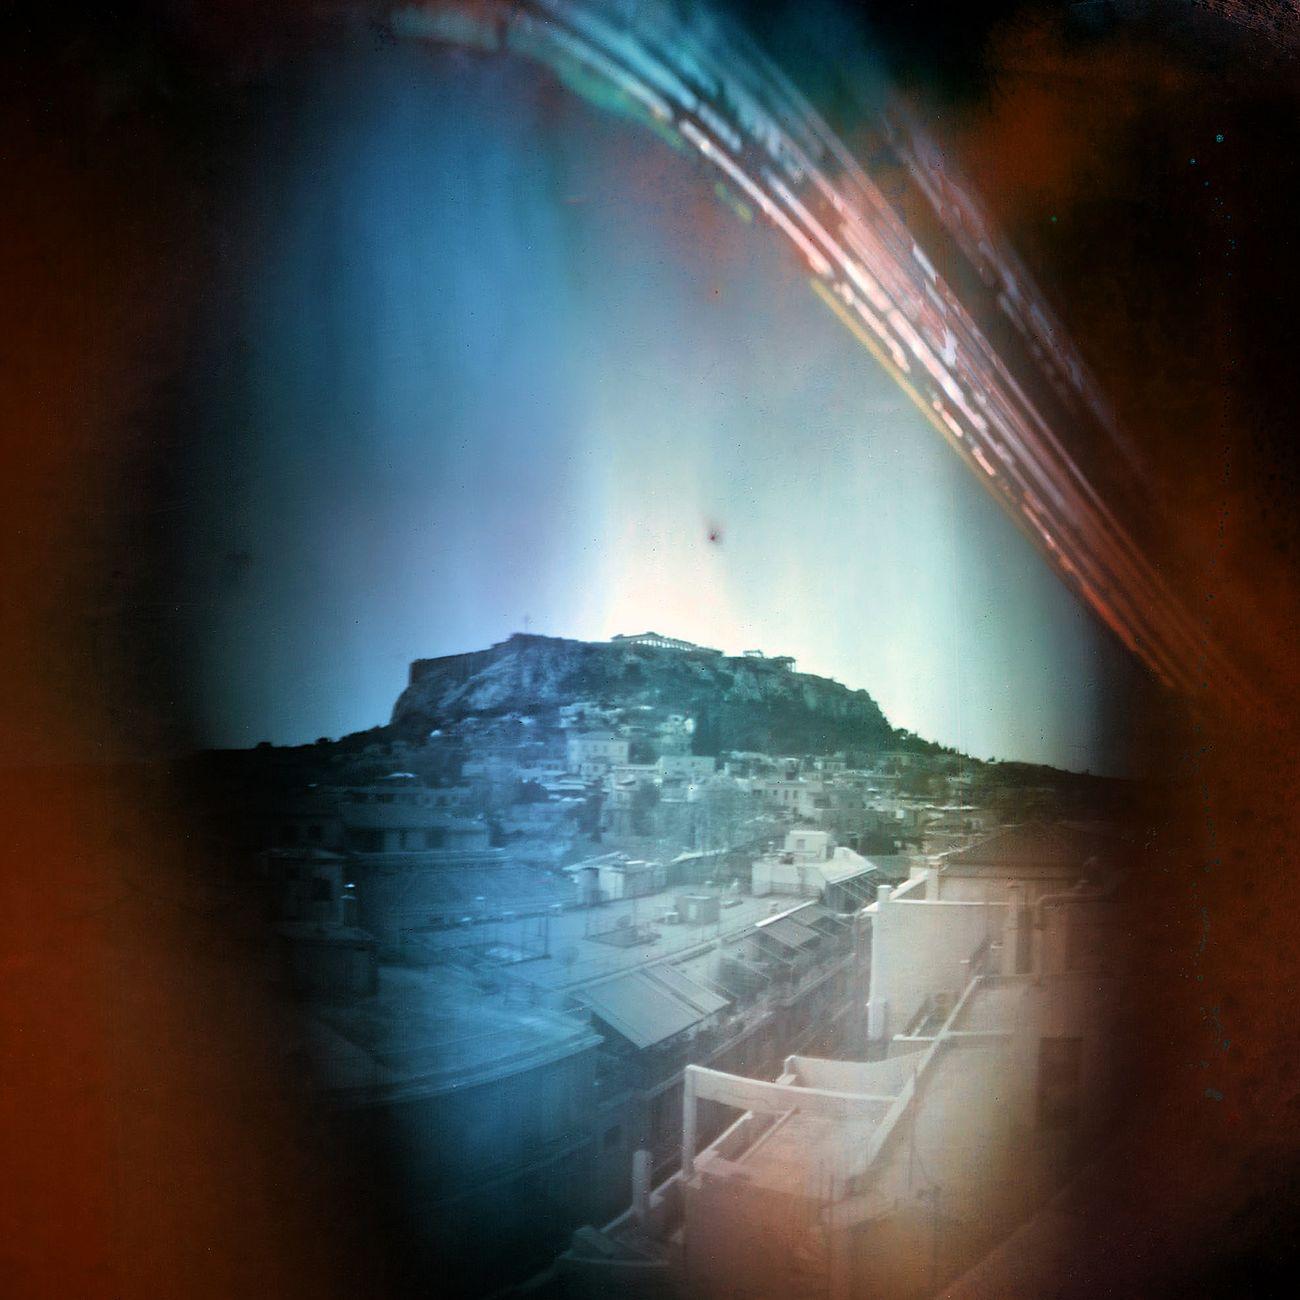 Acrópolis desde Plaka. Atenas. Con Virginia Filippousi. Exposición: 15/03 a 20/06/2015. Solarigrafia Solargraphy Long Exposure Pinhole Photography Solidaritywithgreece Acropolis, Athens Greece